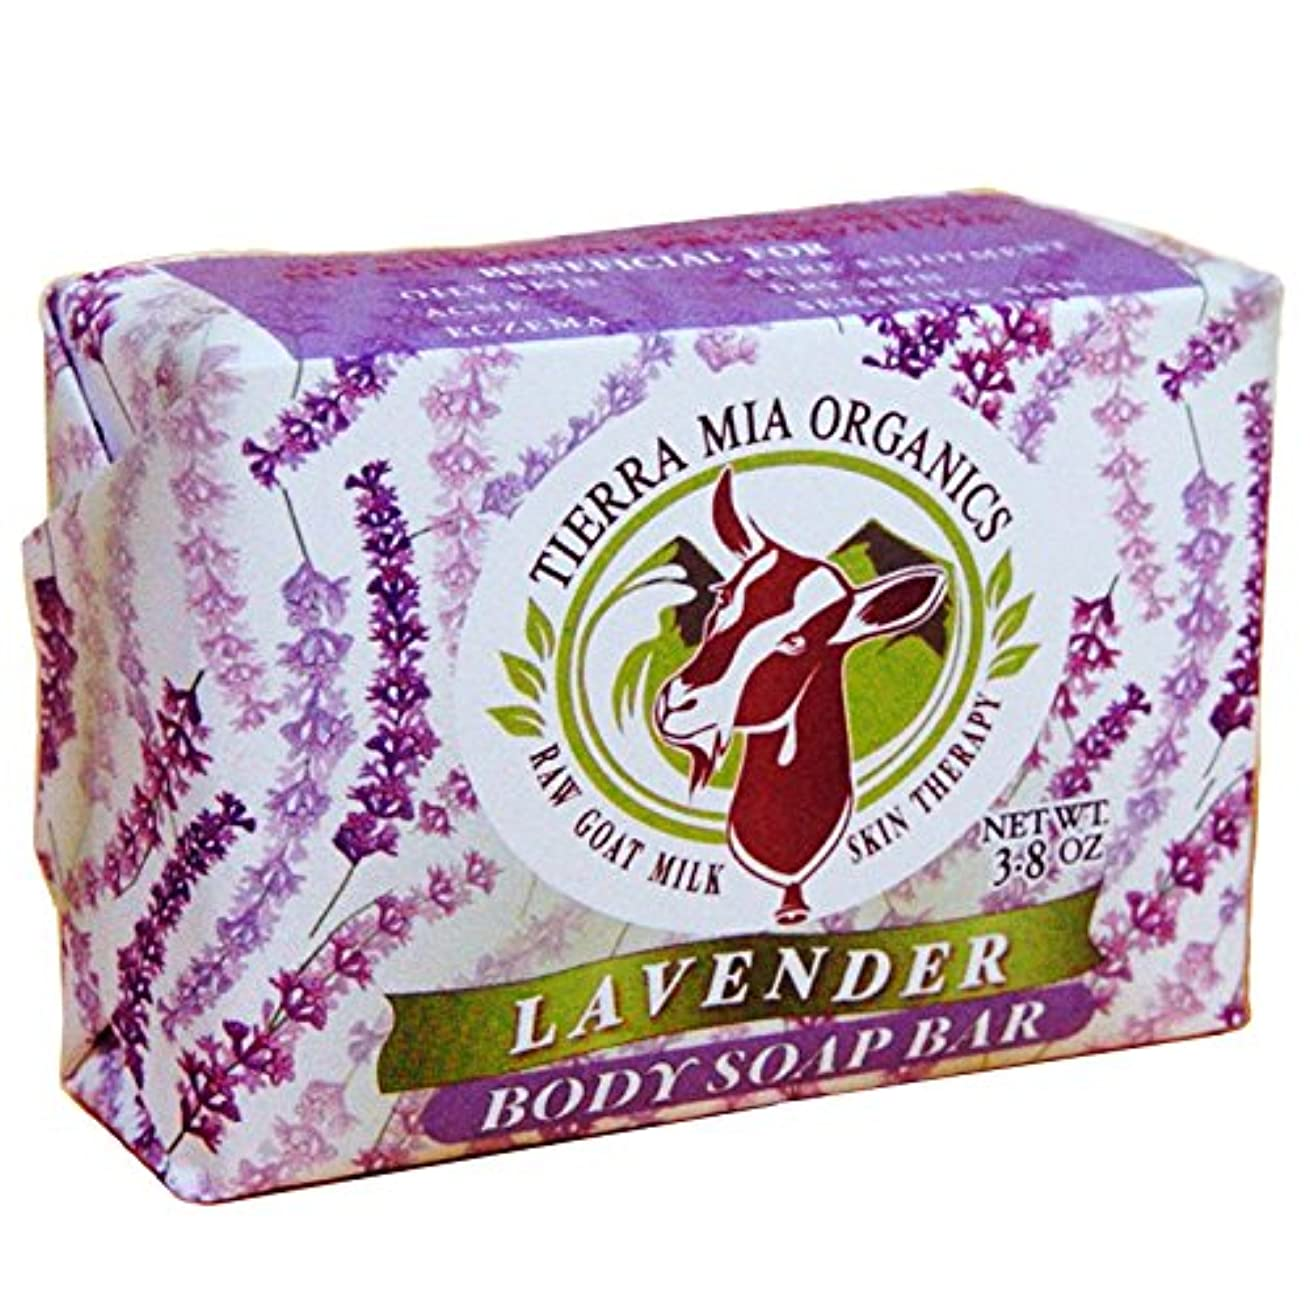 スーツバッチ丈夫Tierra Mia Organics, Raw Goat Milk Skin Therapy, Body Soap Bar, Lavender, 4.2 oz